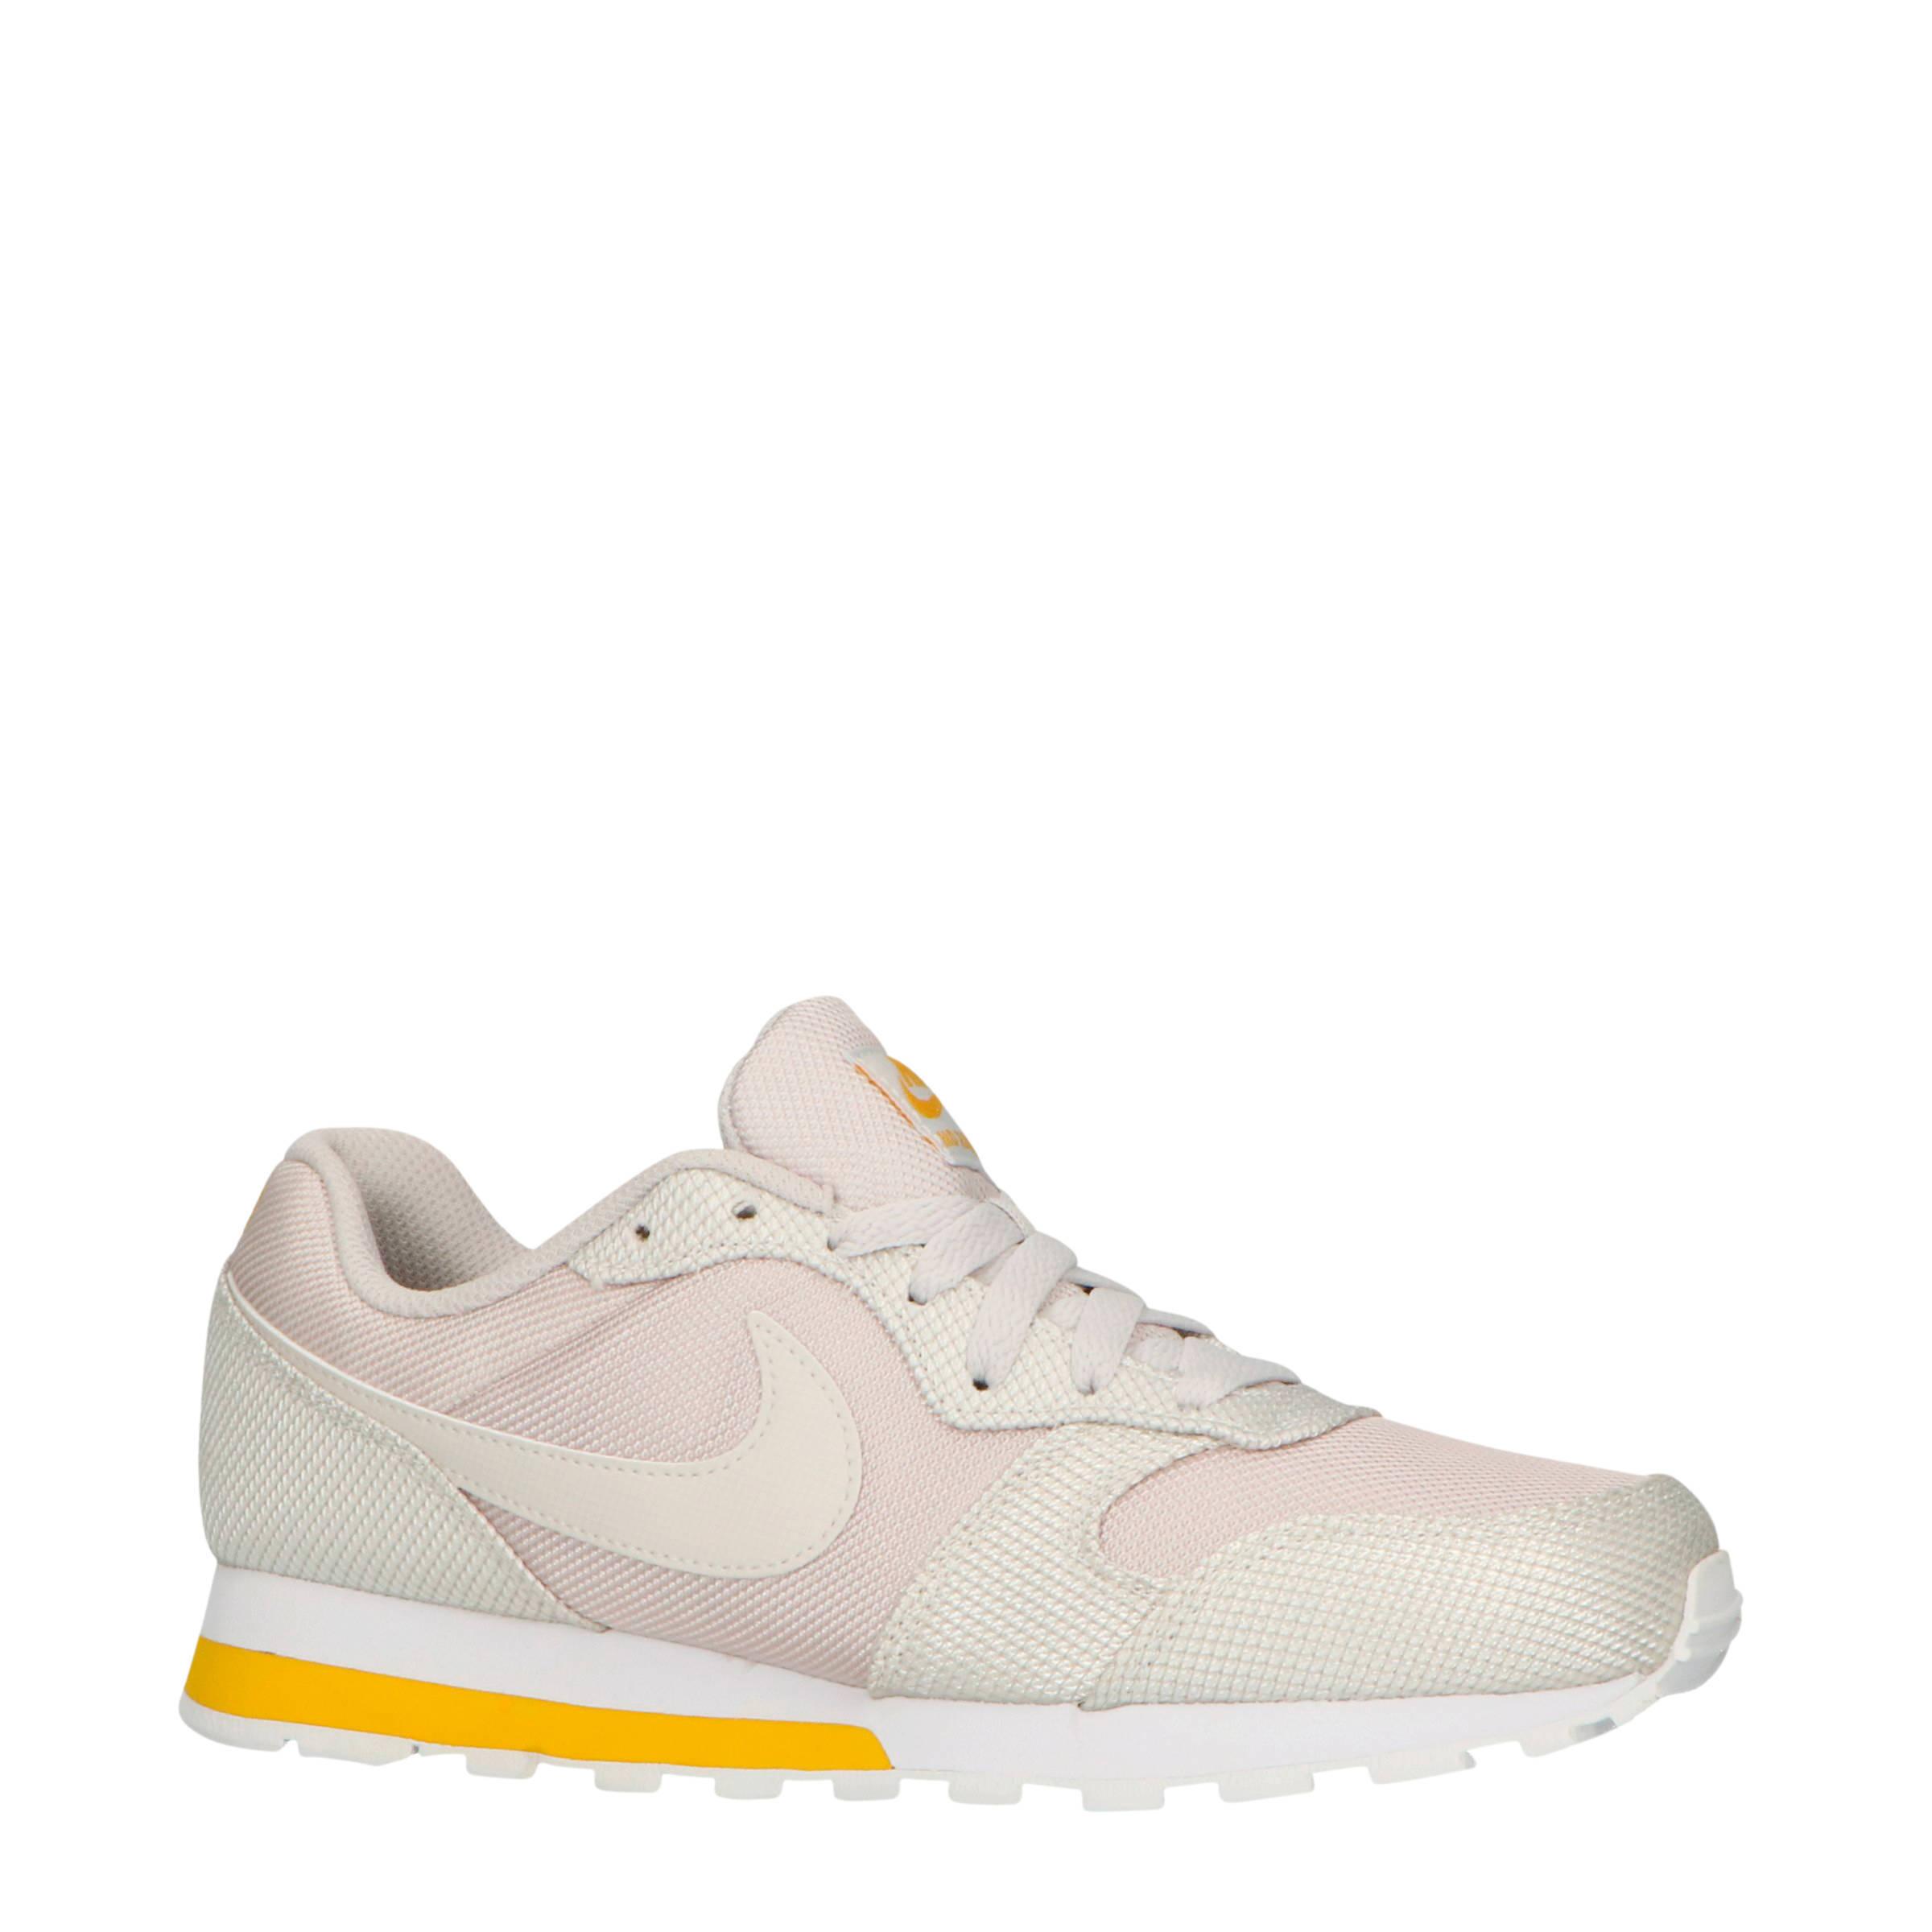 MD Runner 2 SE sneakers grijs